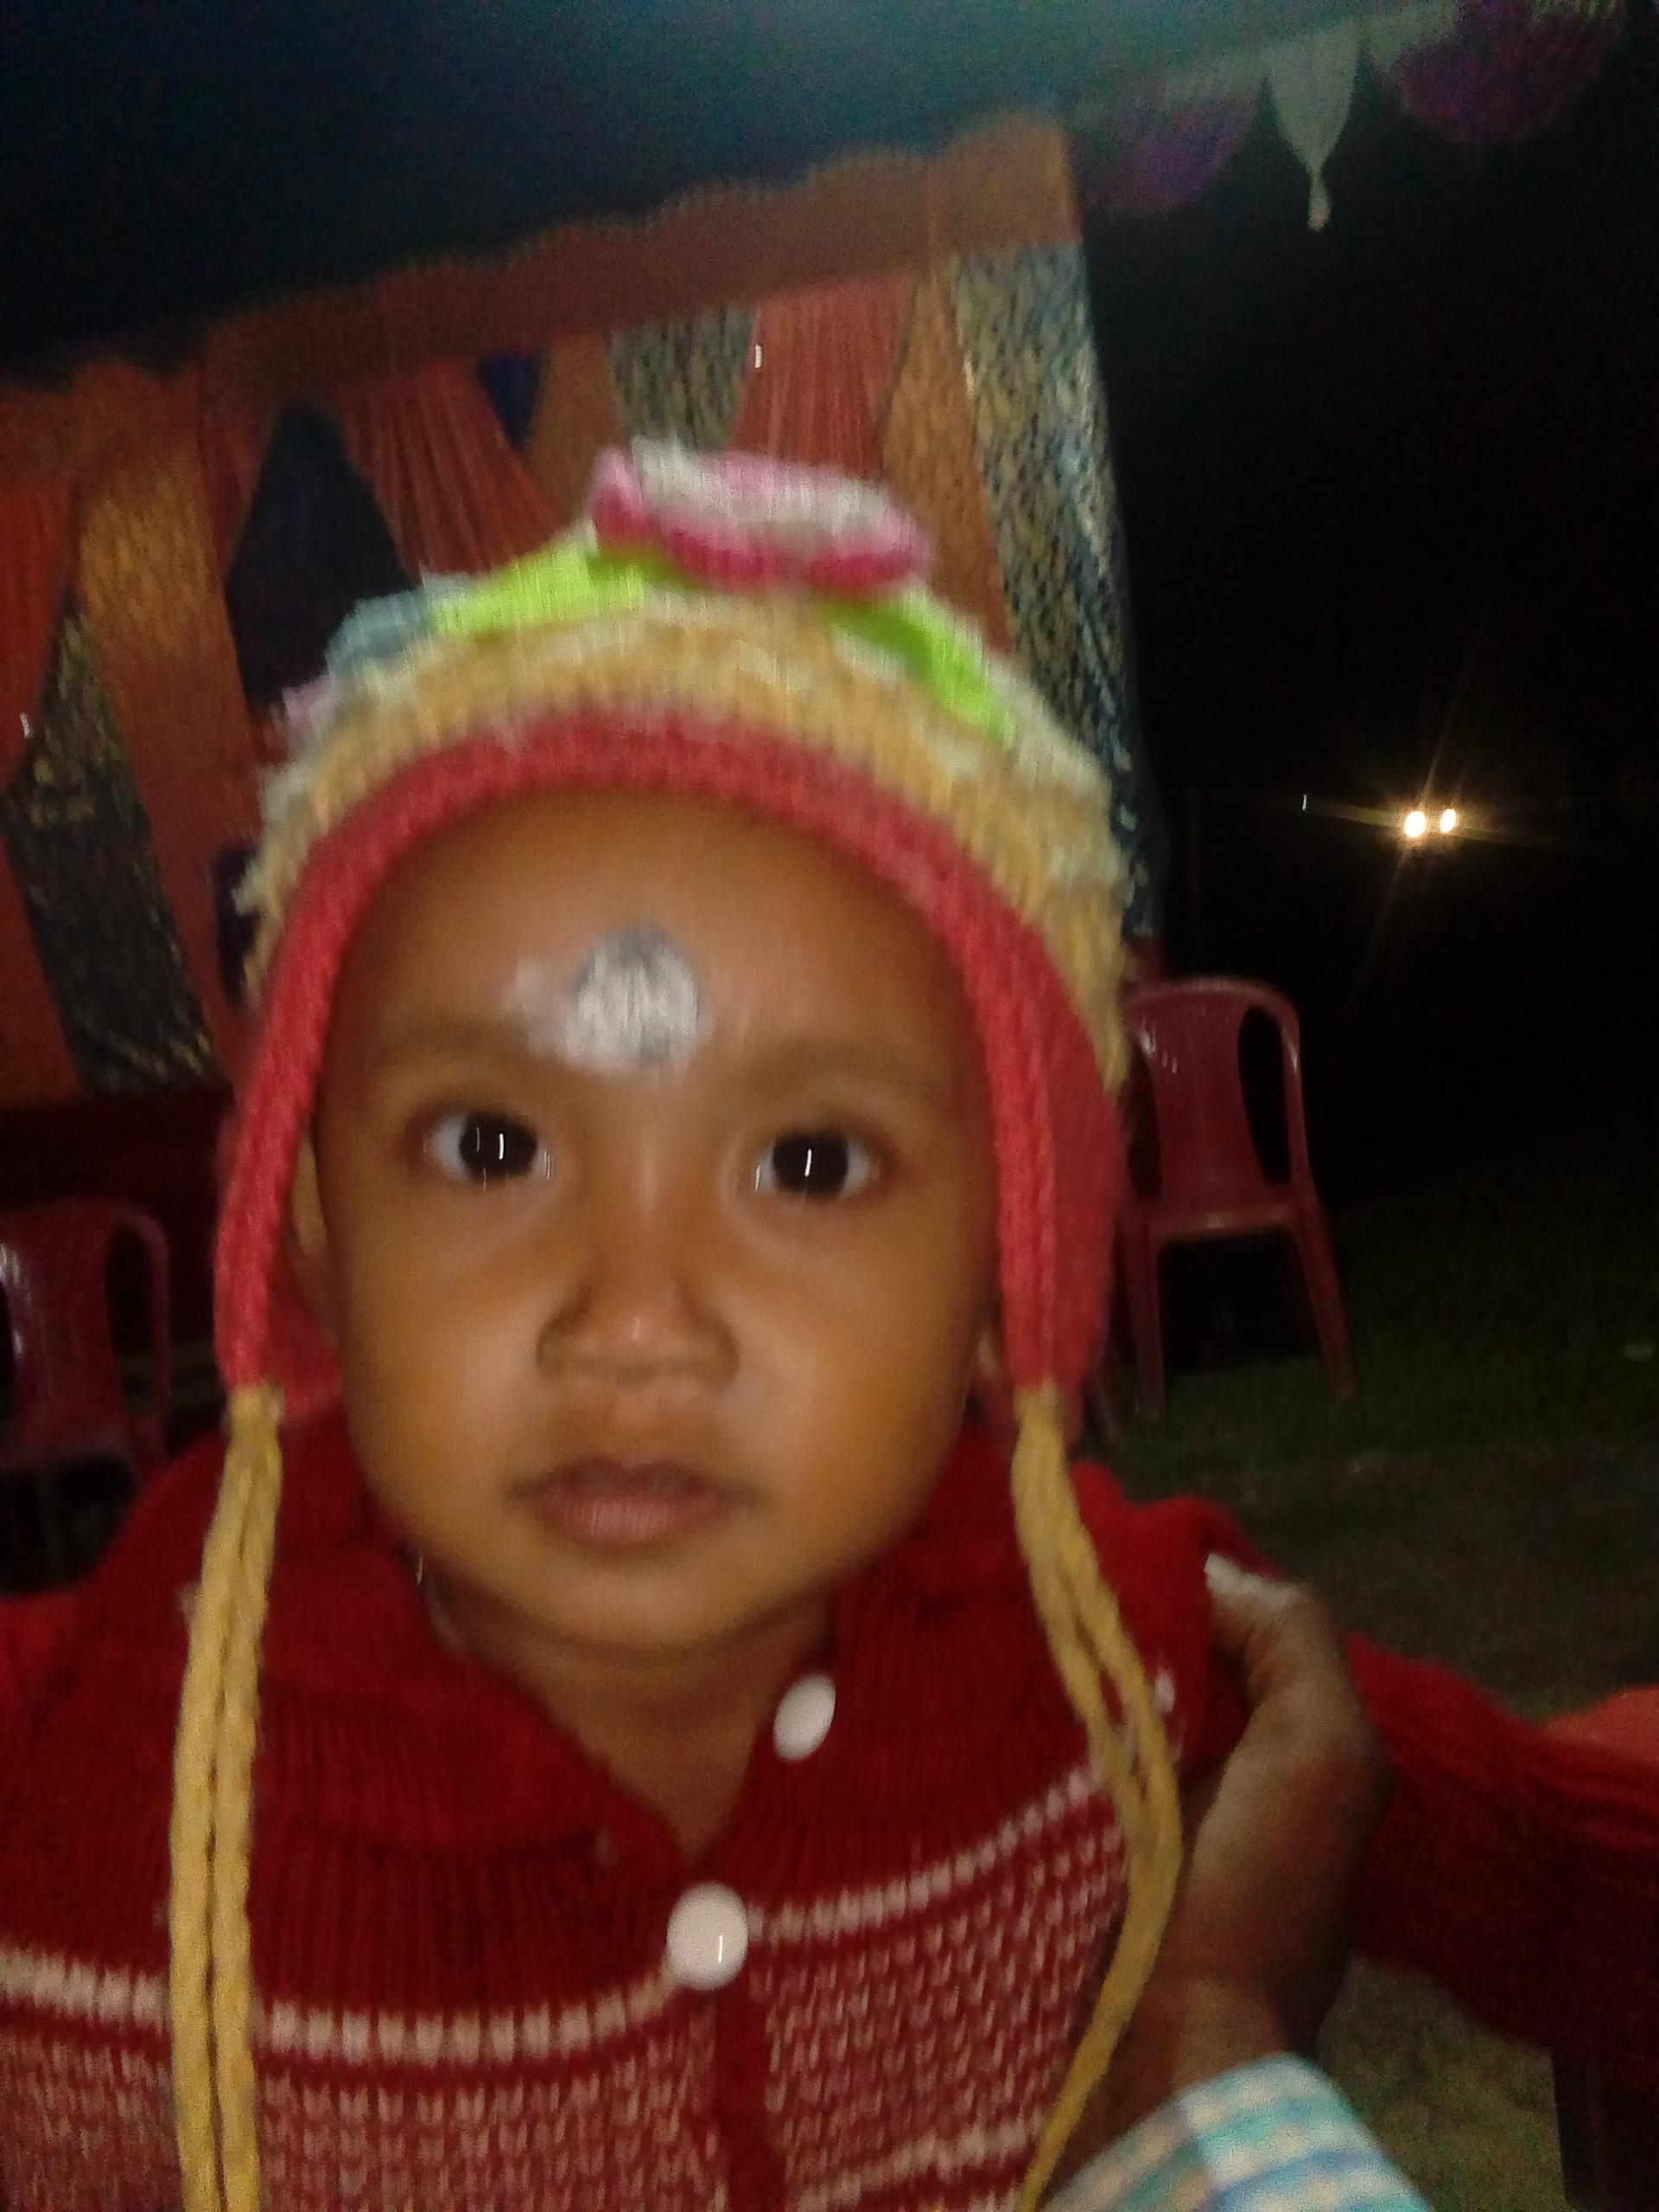 বোনের কপালে দিলাম ফোঁটা - ShareChat